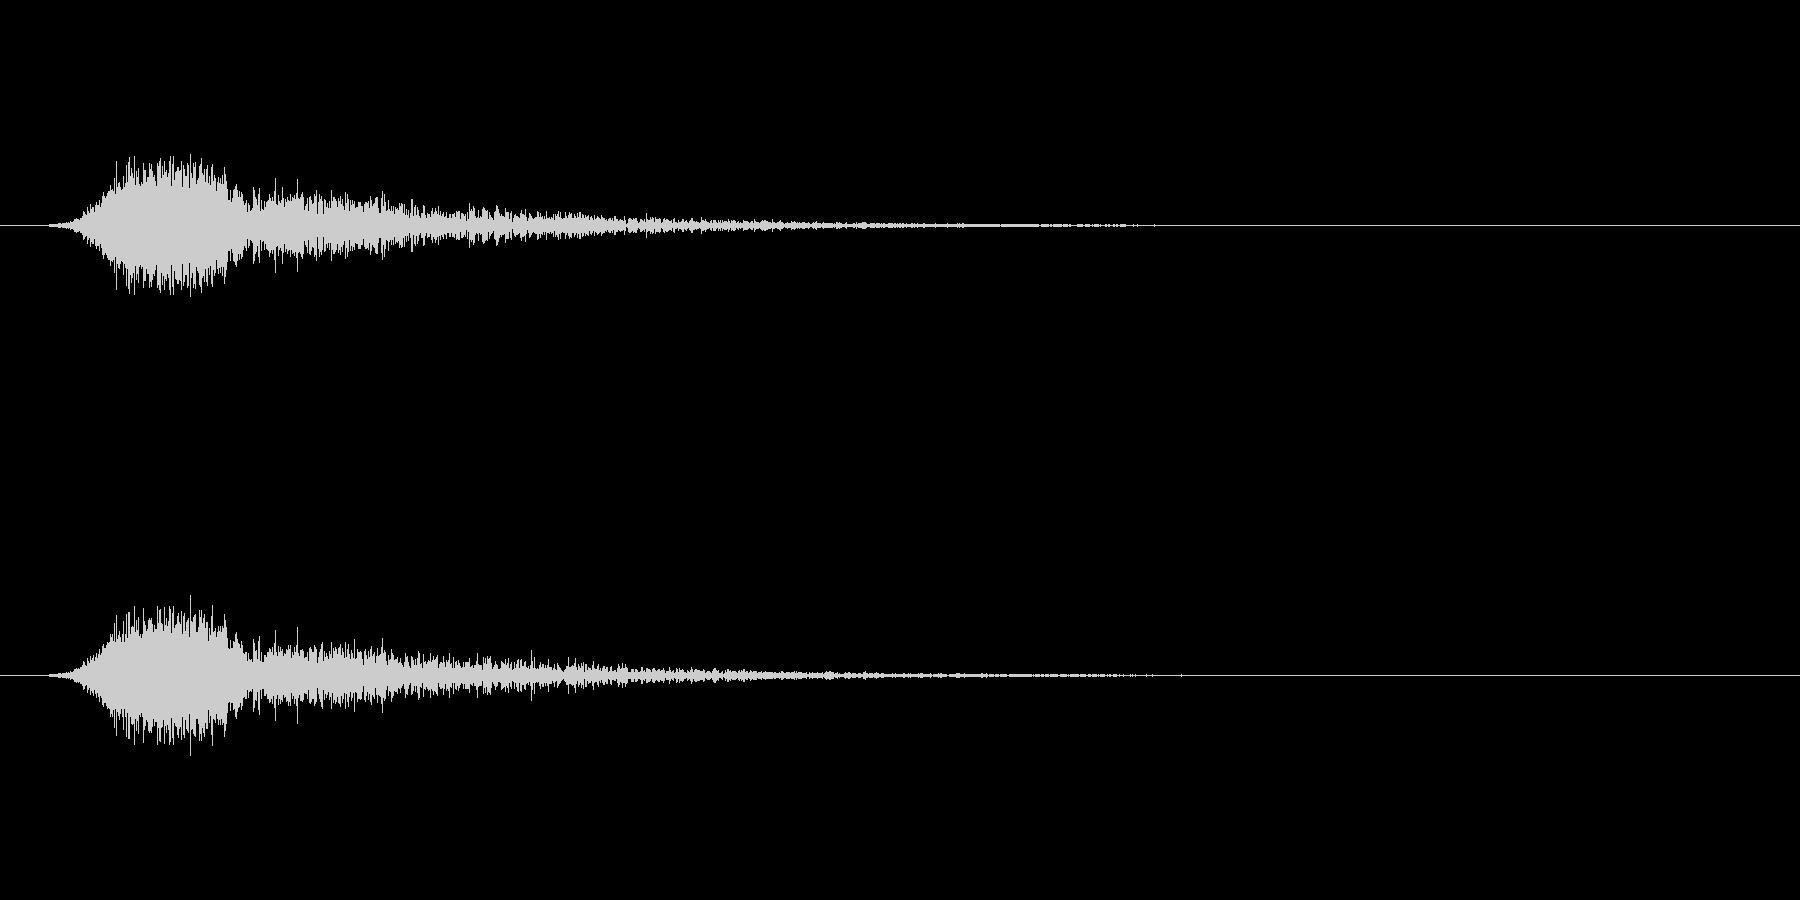 【ショートブリッジ25-1】の未再生の波形